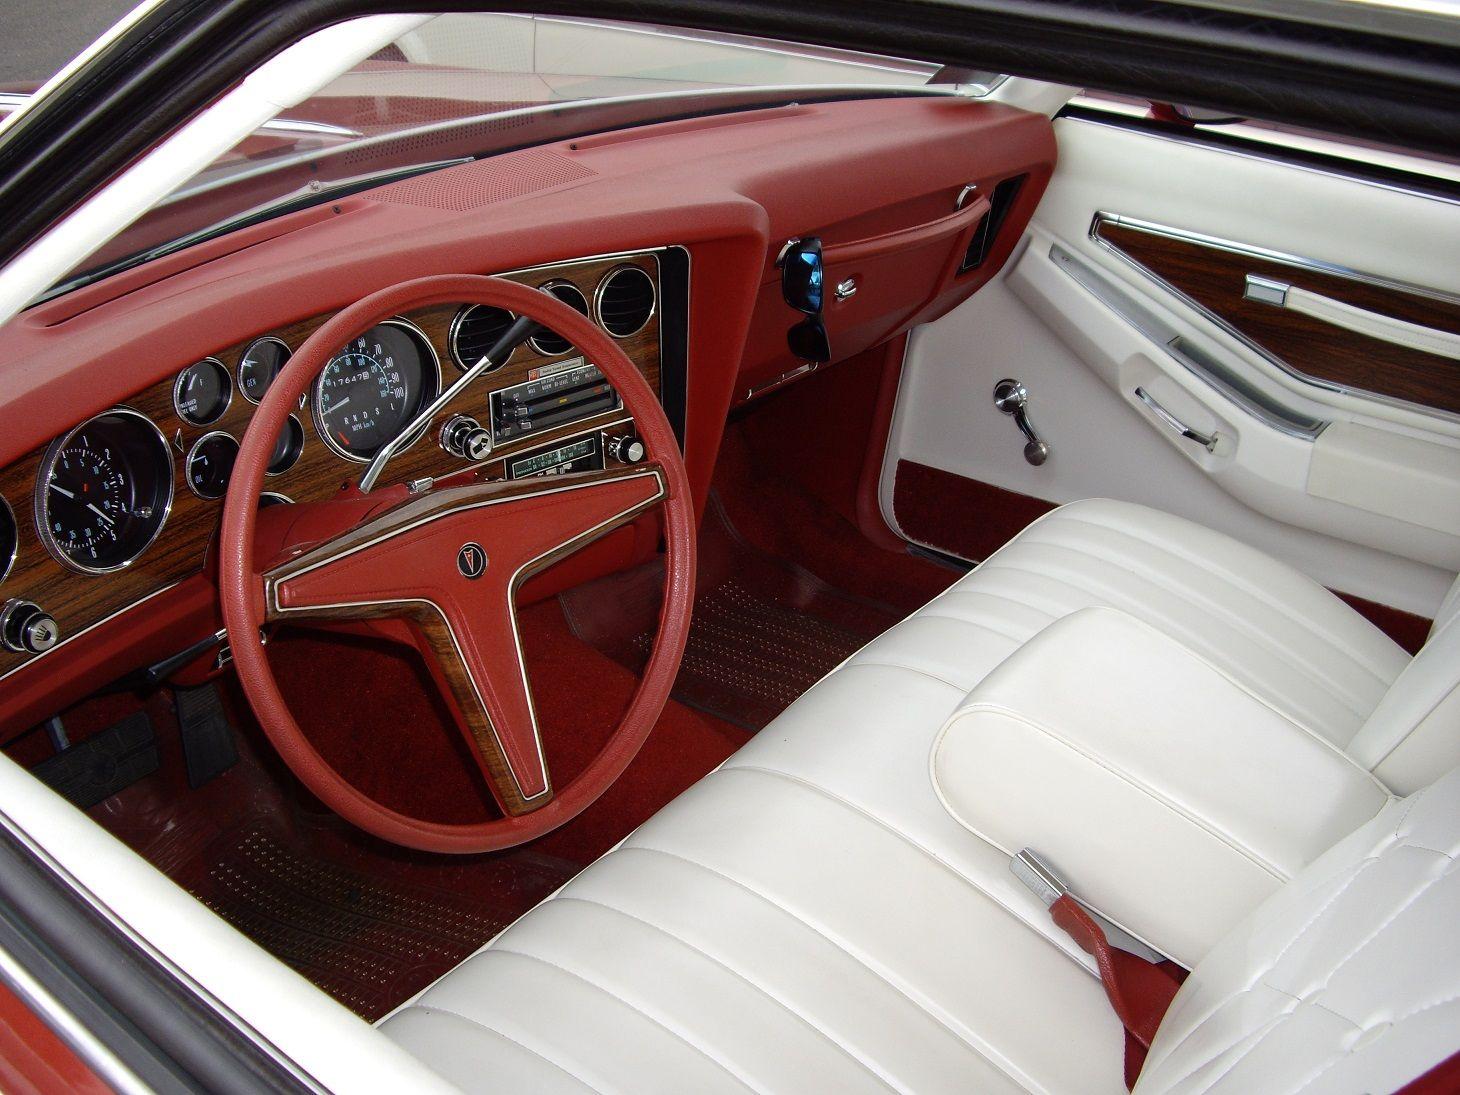 1977 pontiac grand prix interior classic car interiors pinterest pontiac grand prix car